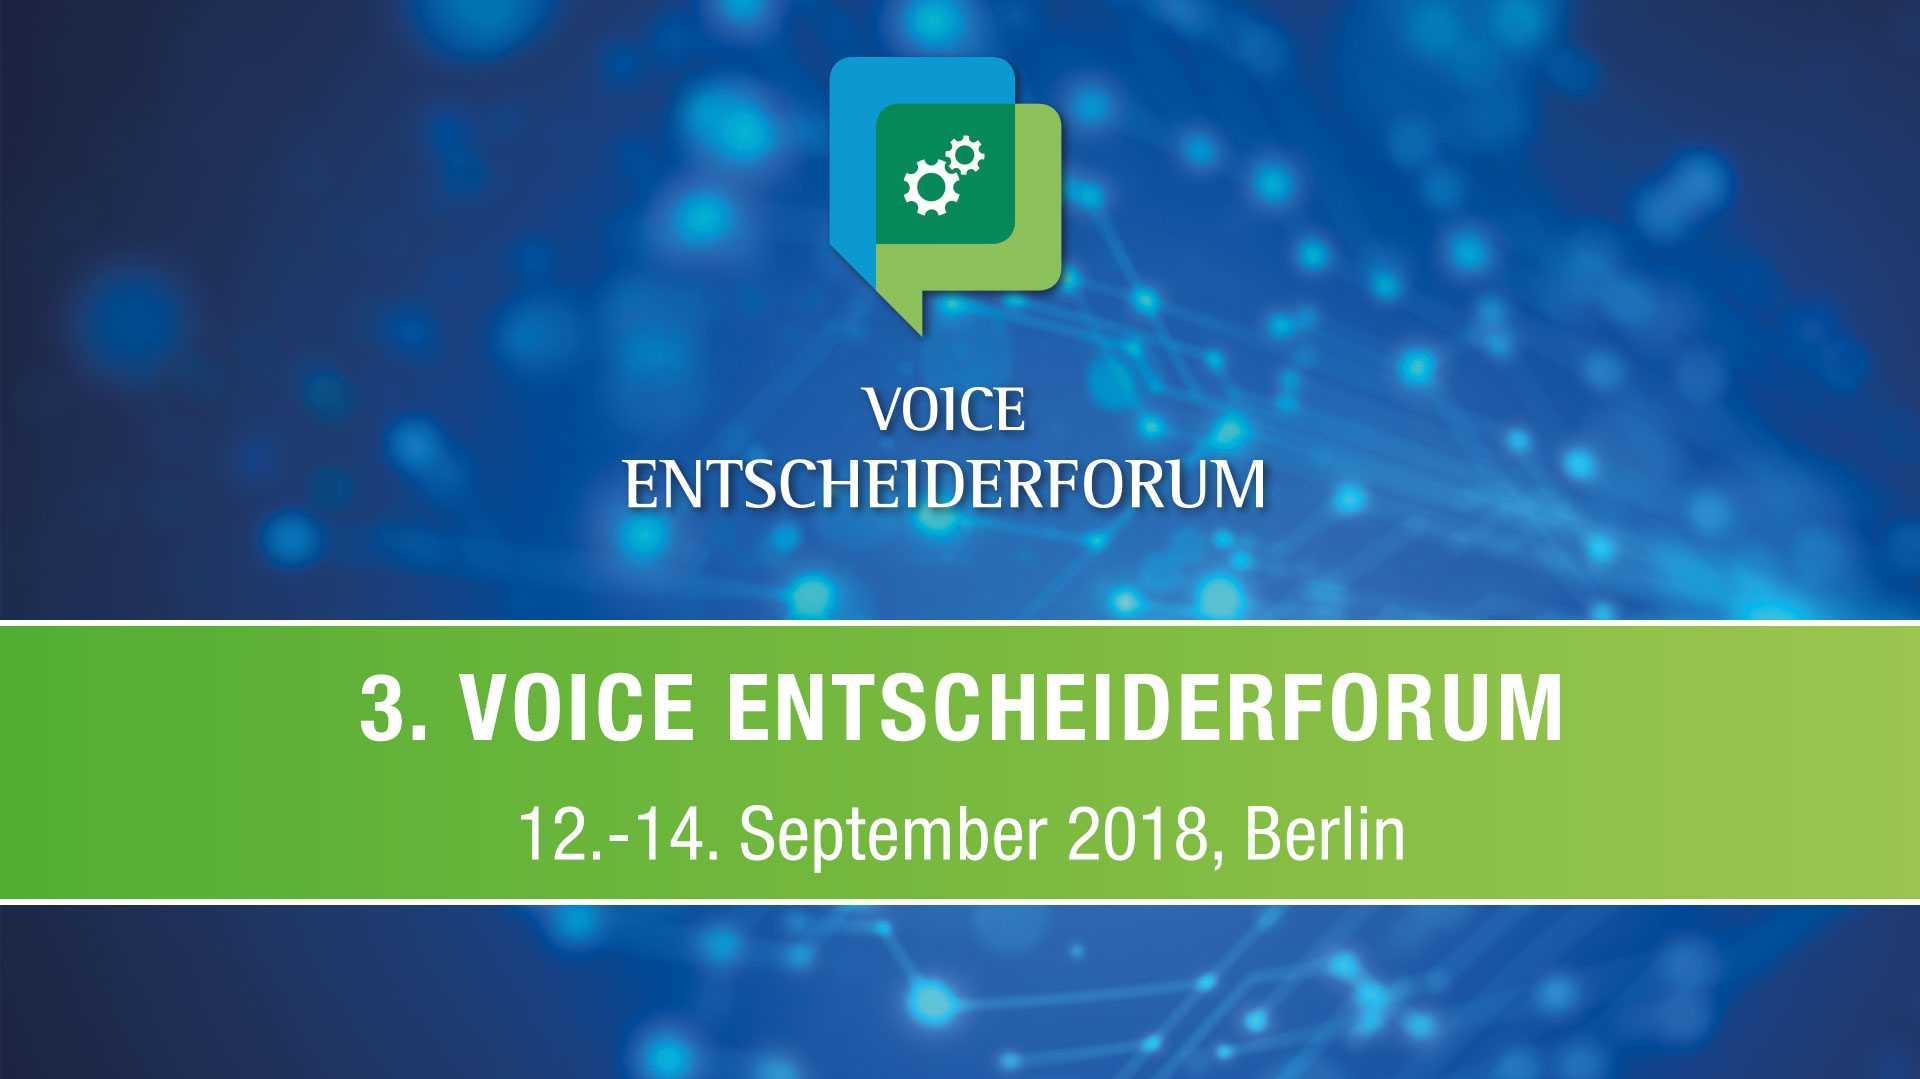 Voice Entscheiderforum 2018: Jetzt Frühbucherrabatt sichern